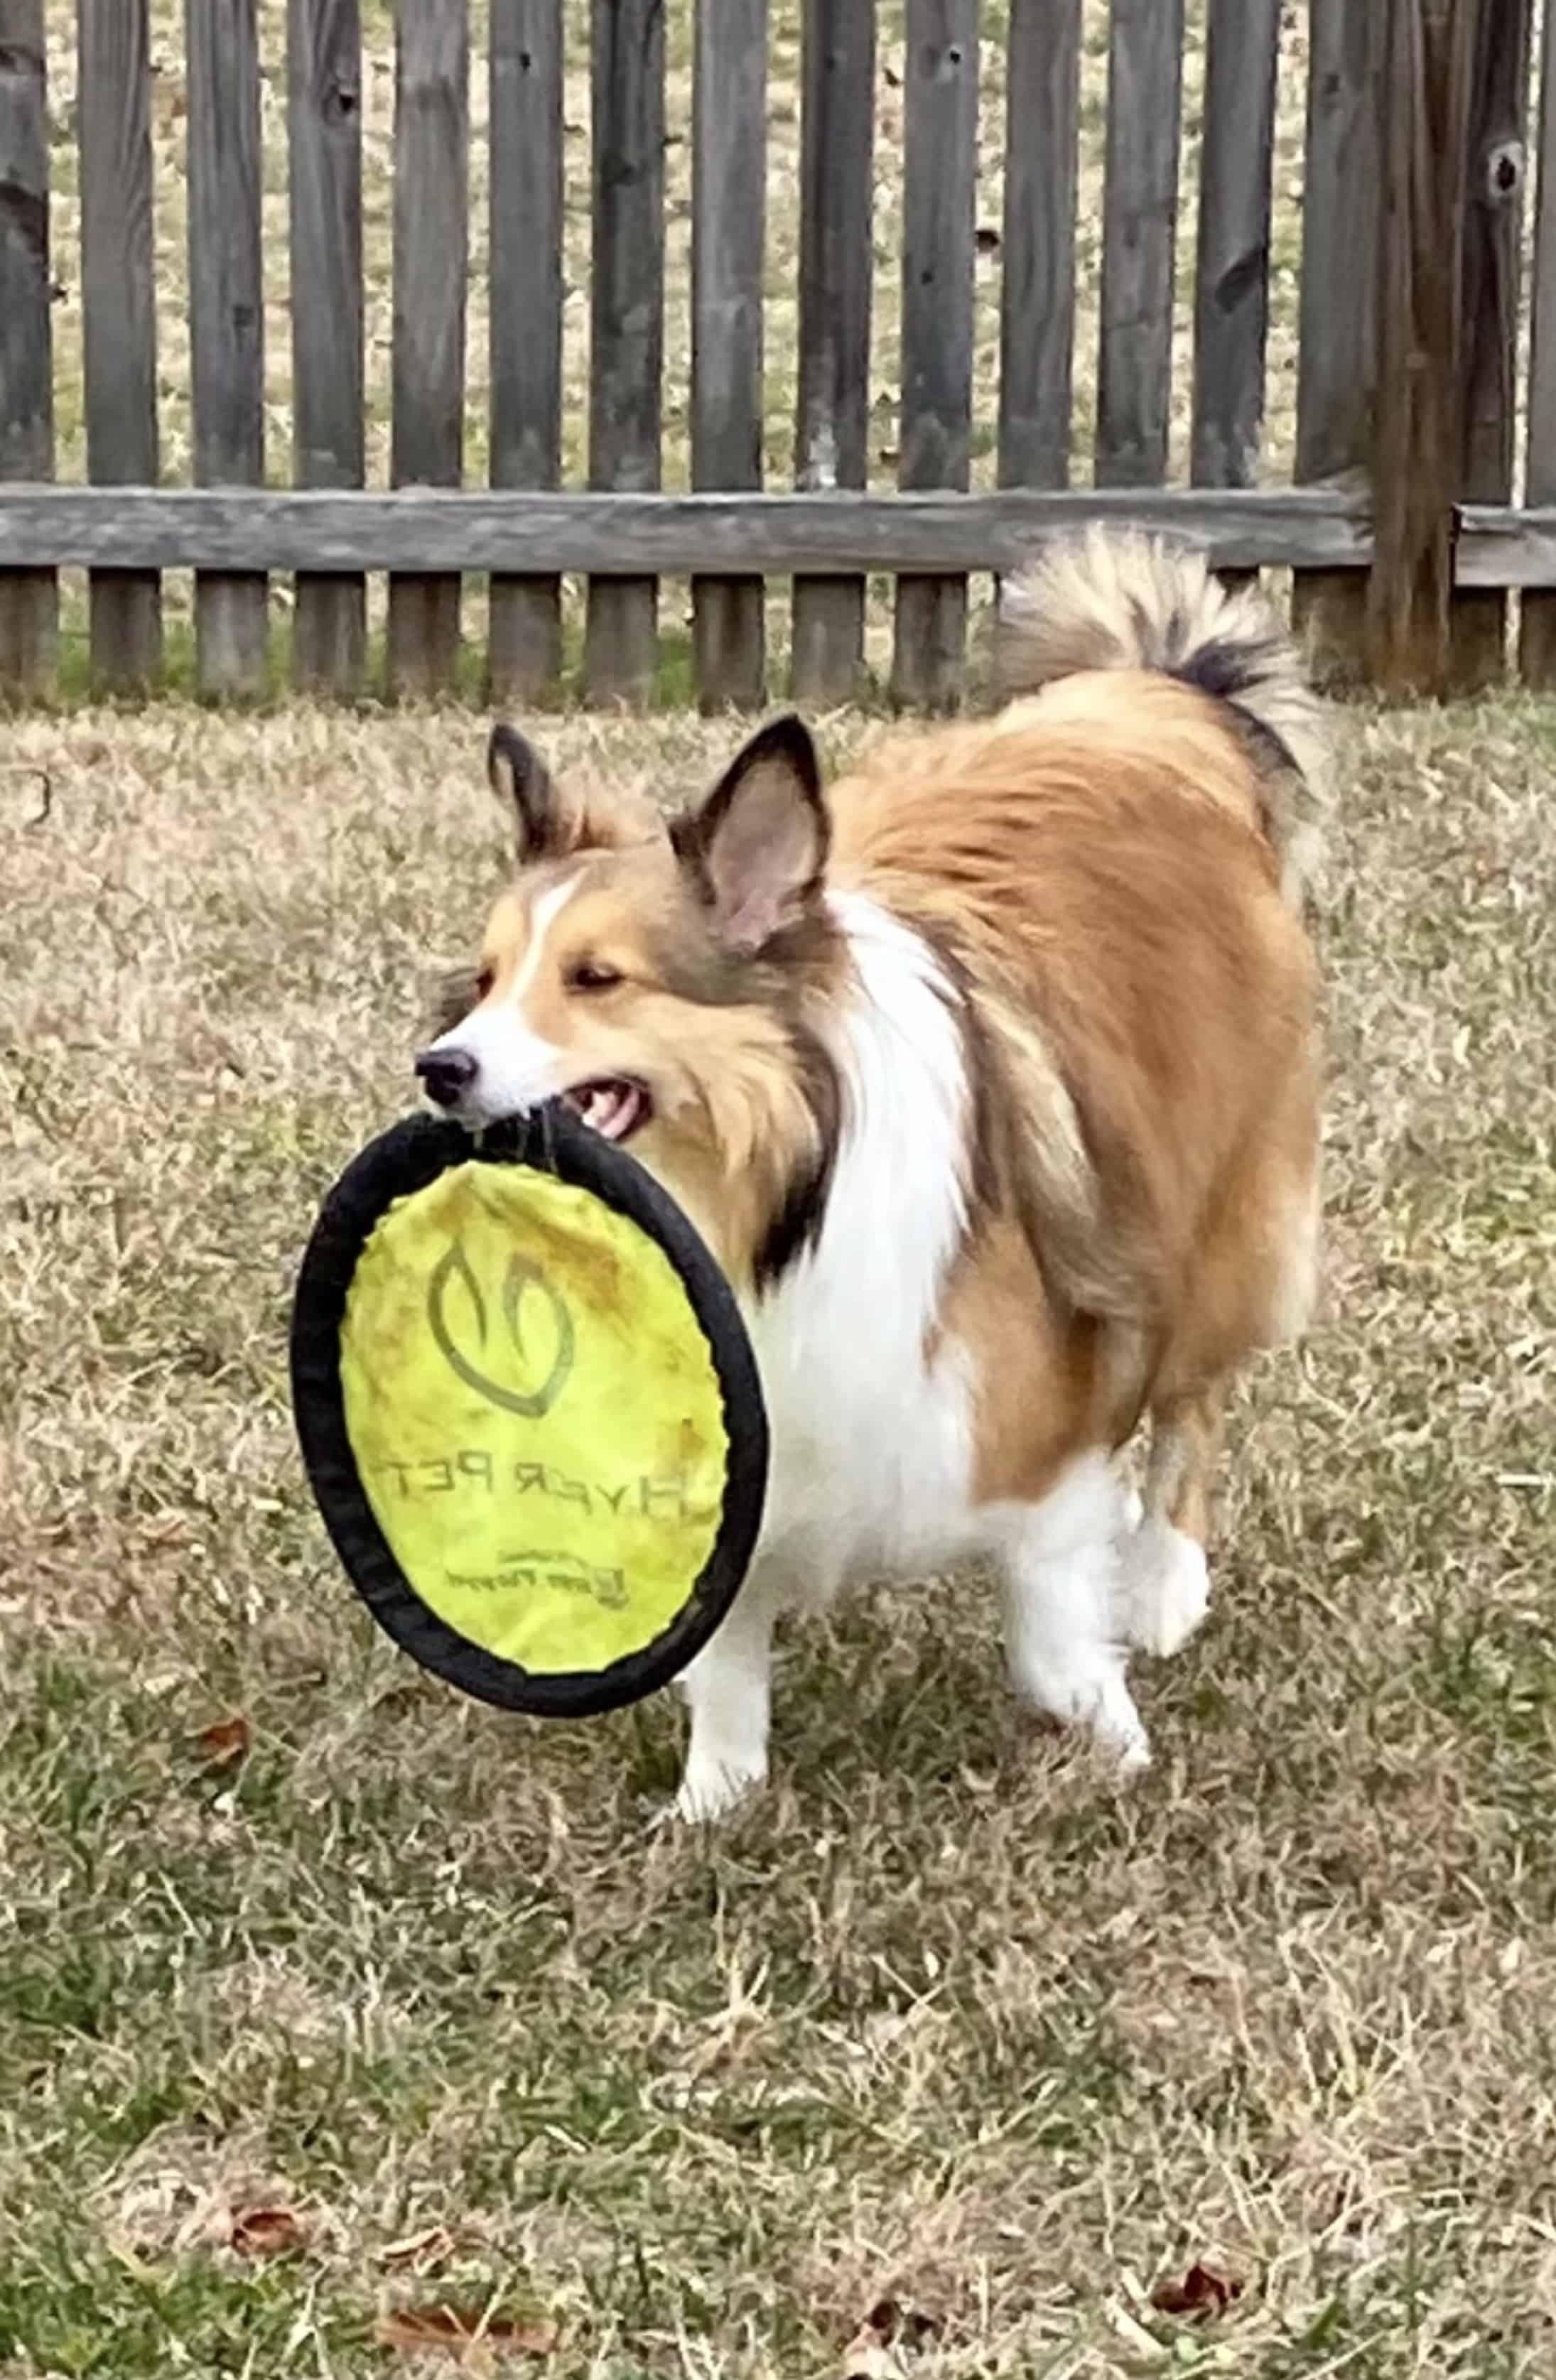 Frisbee fun